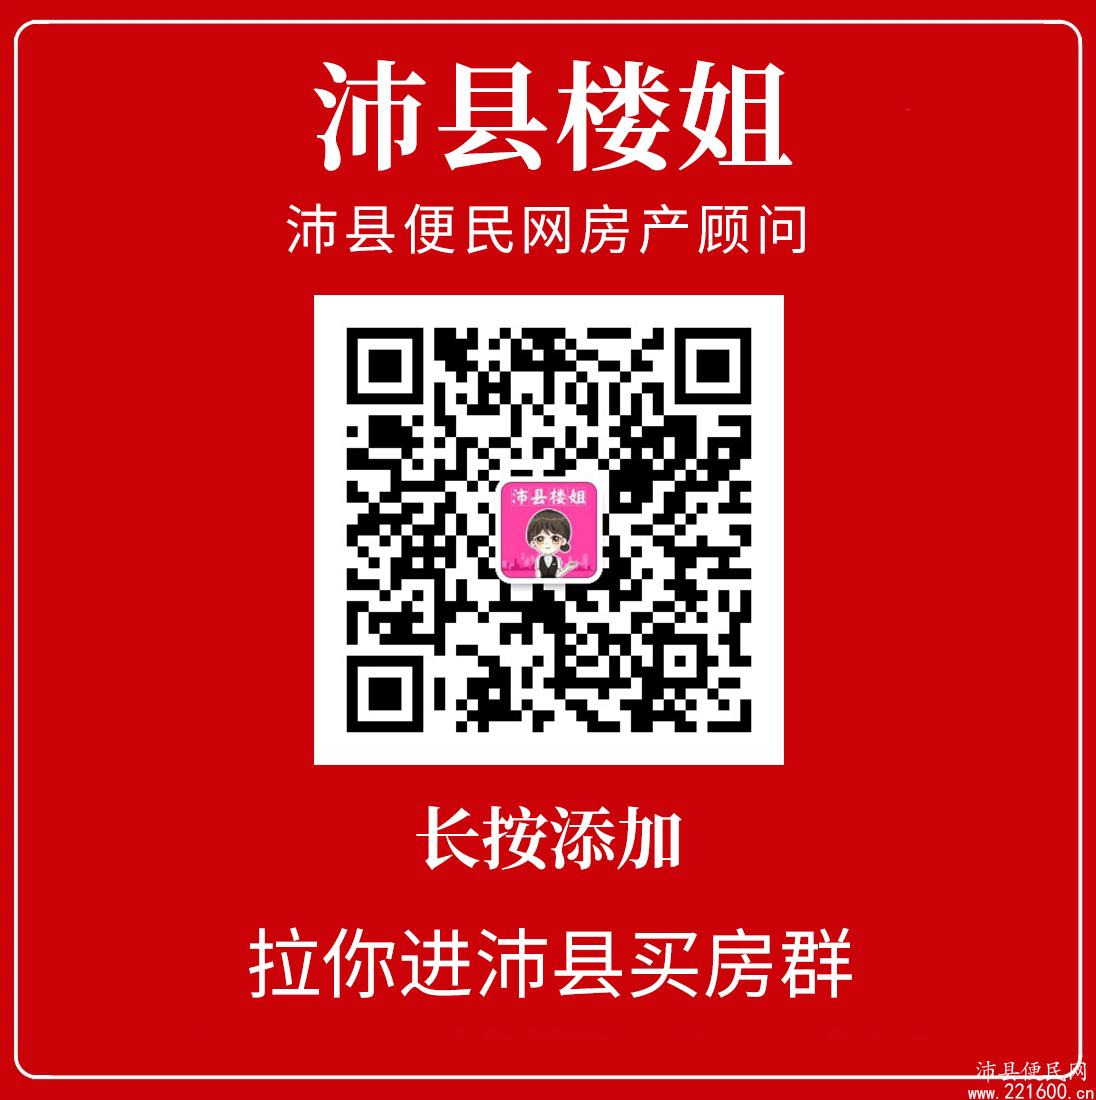 微信图片_20200707144730.jpg